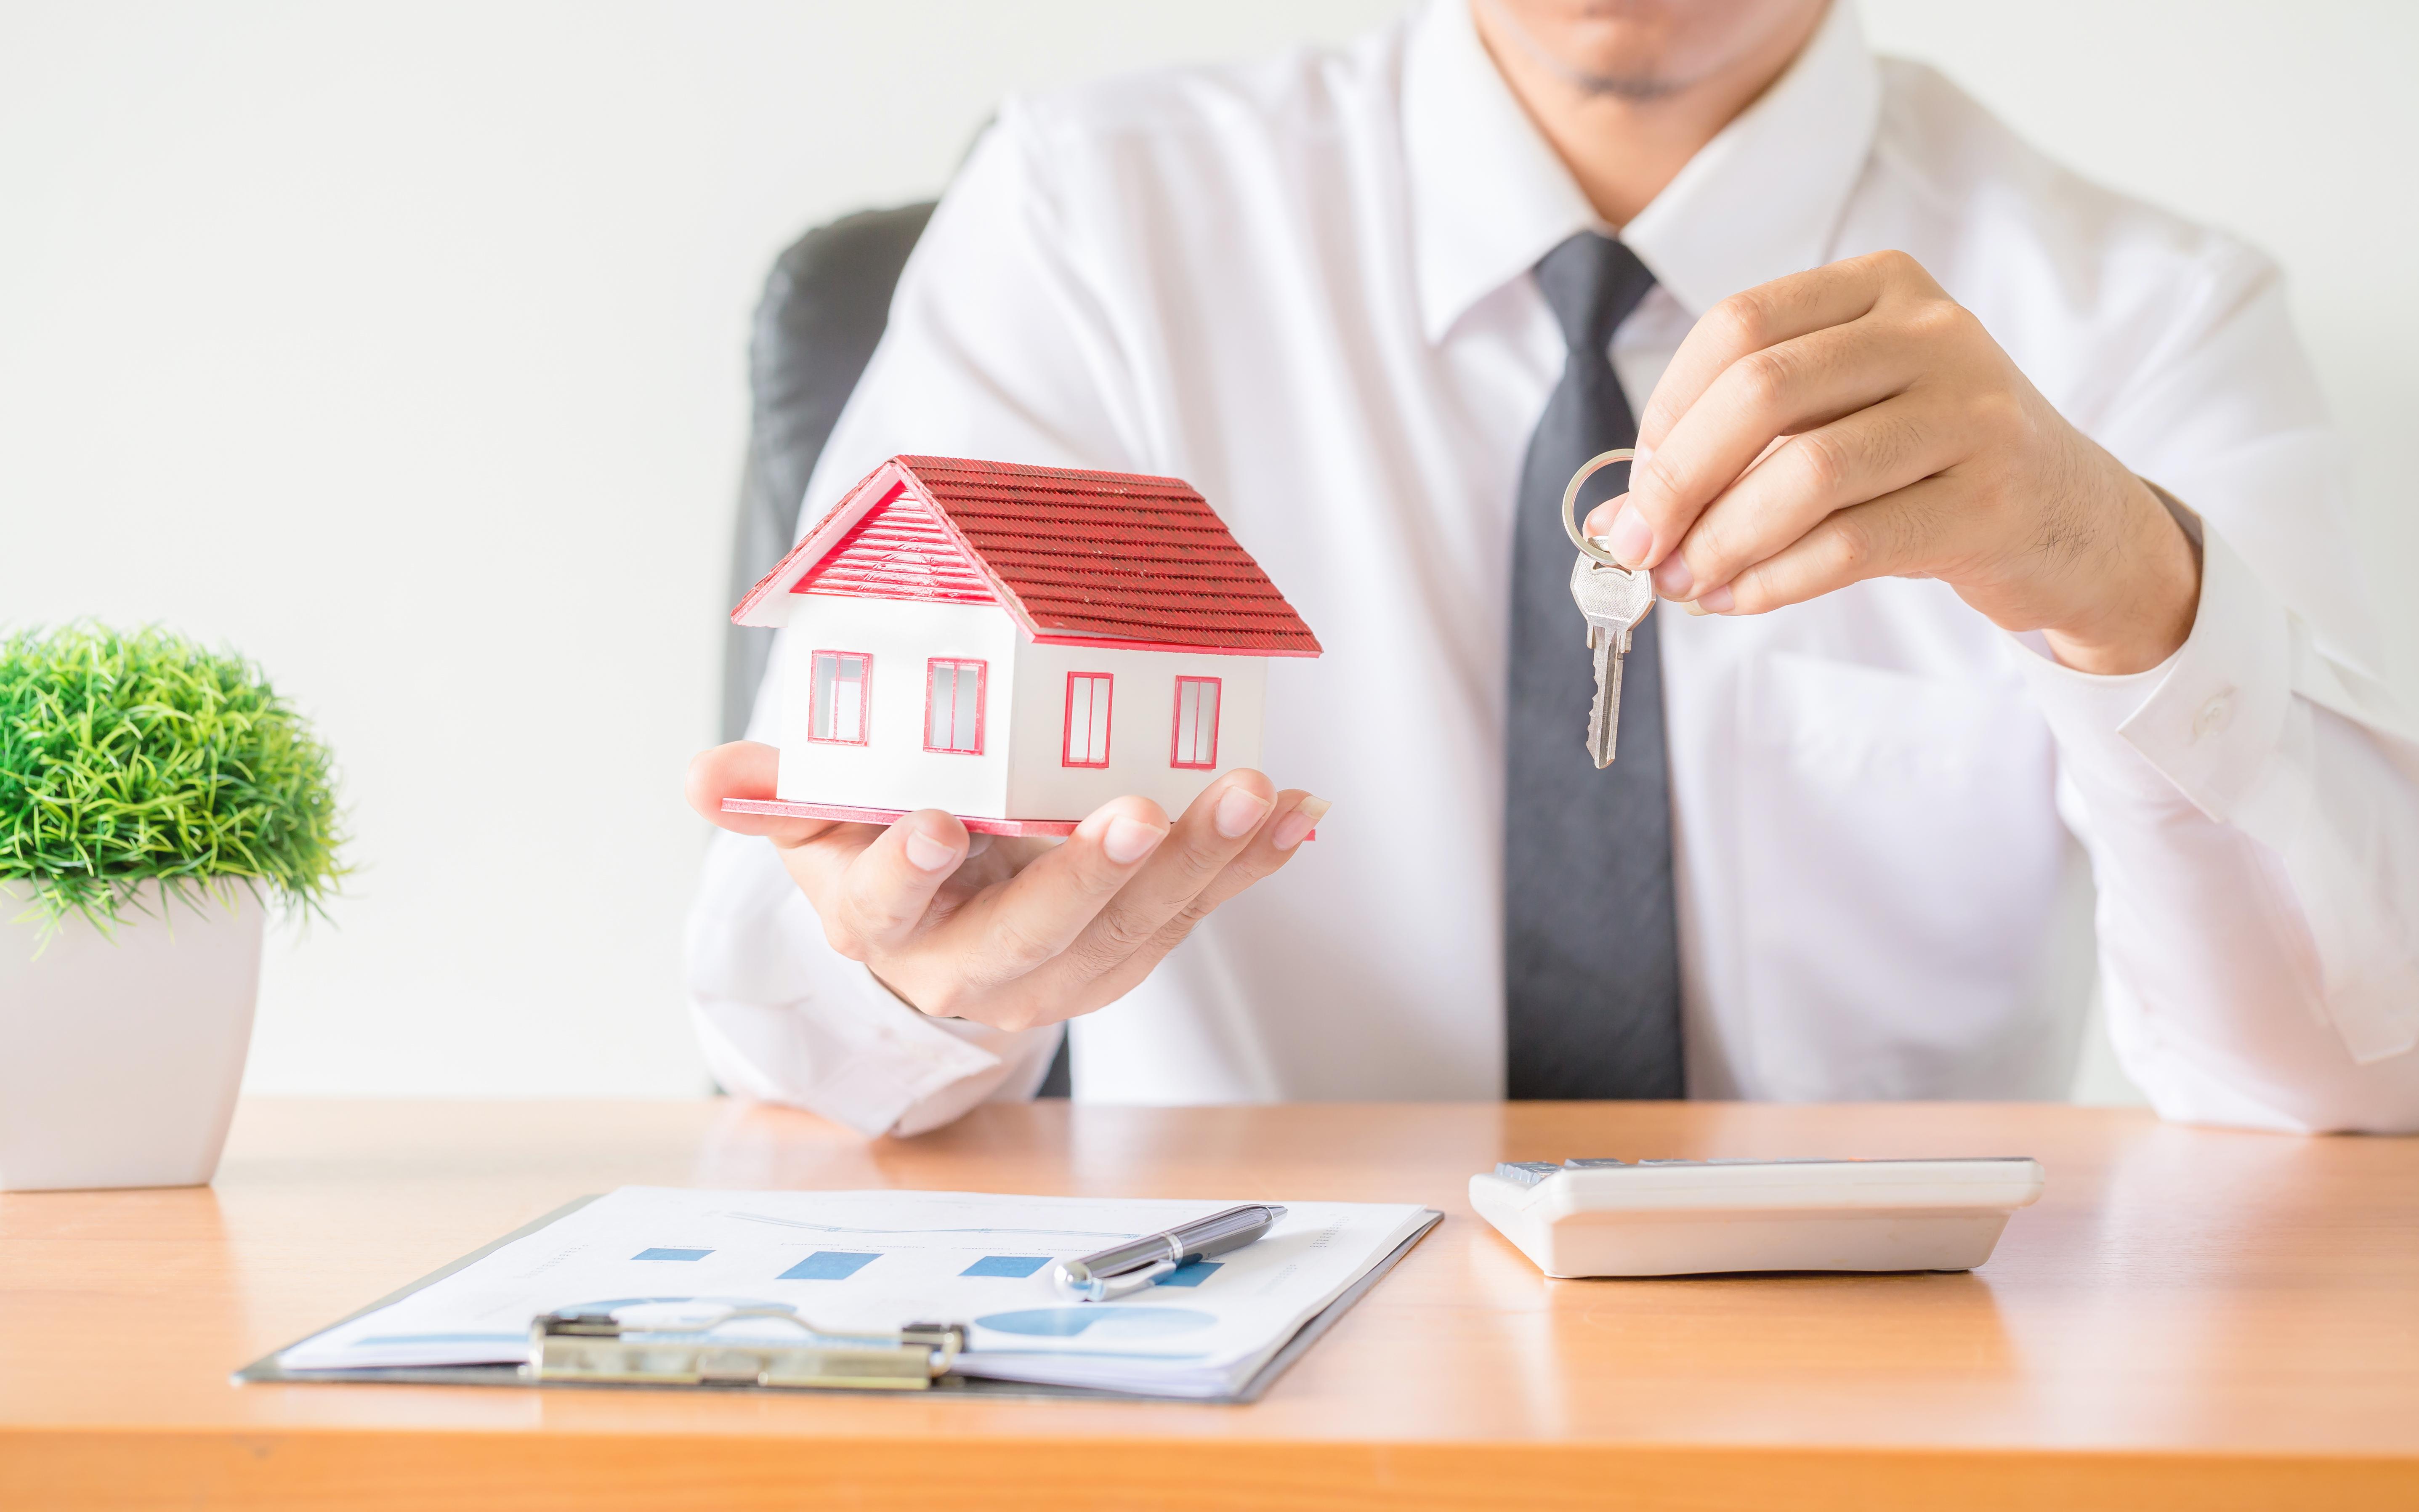 Abren inmobiliarias con rigurosos protocolos sanitarios